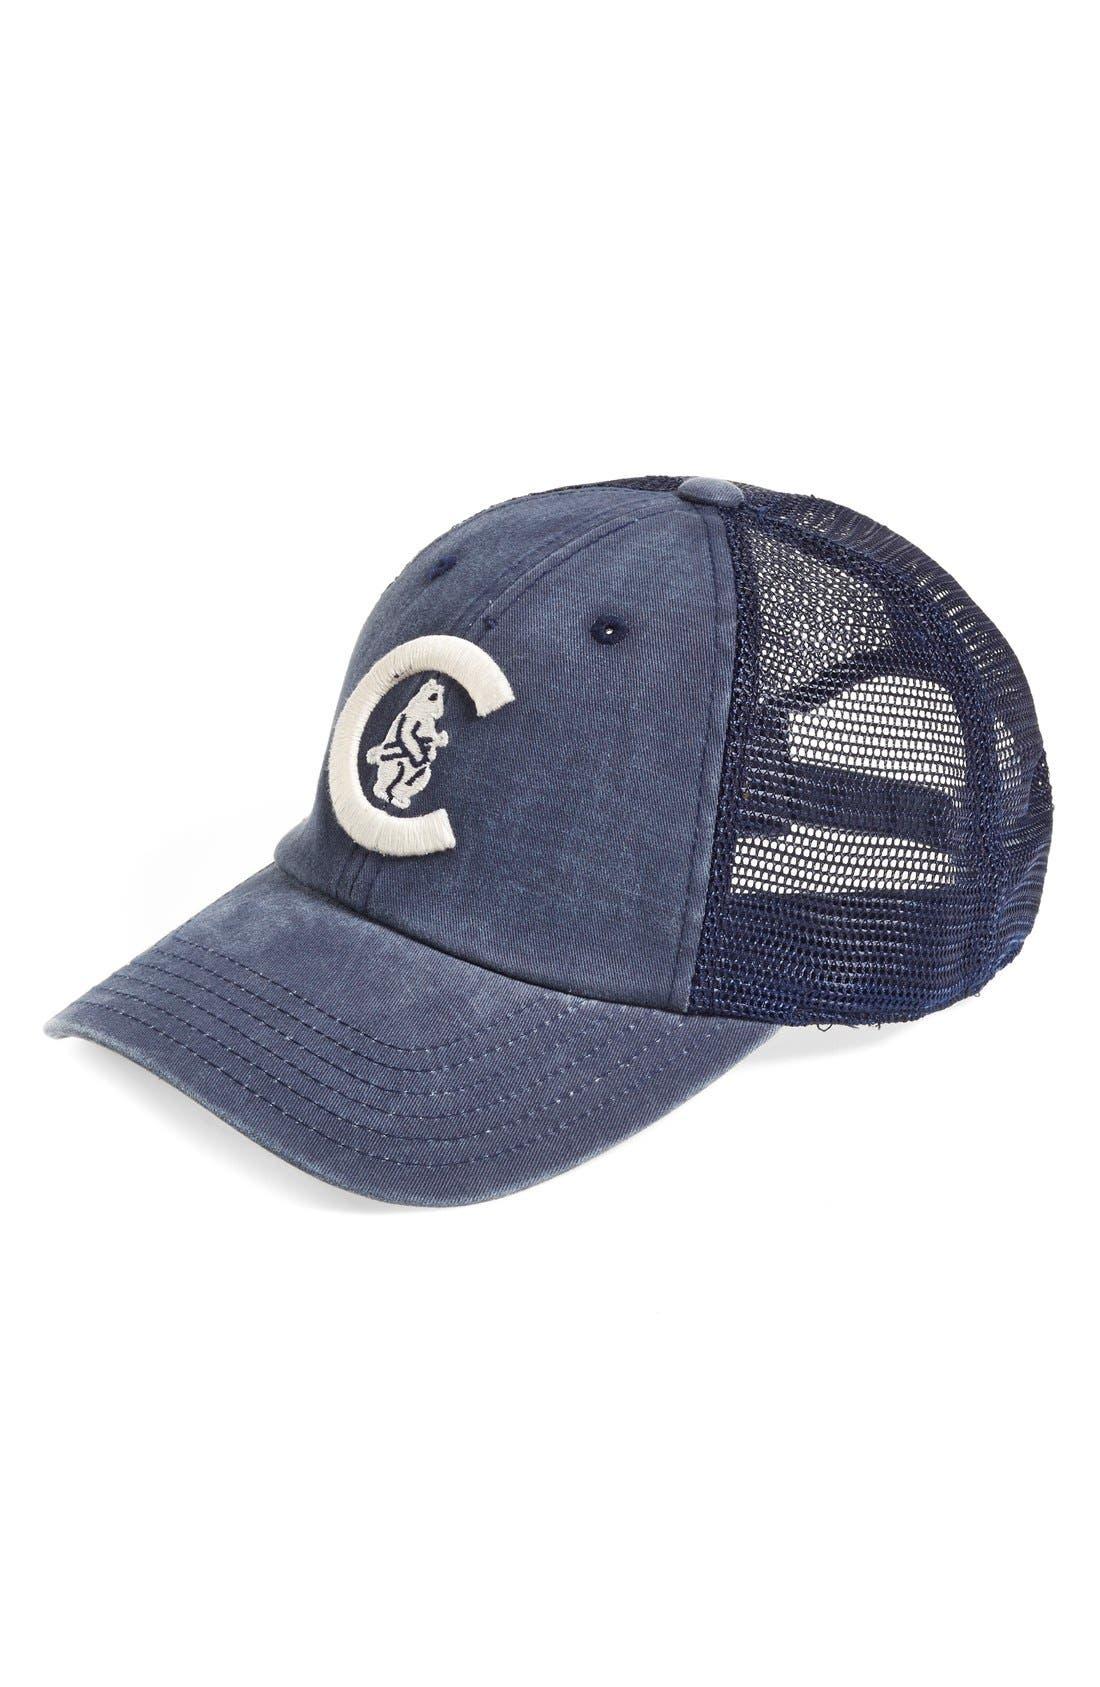 'Chicago Cubs - Raglan Bones' Mesh Trucker Cap,                             Main thumbnail 1, color,                             410